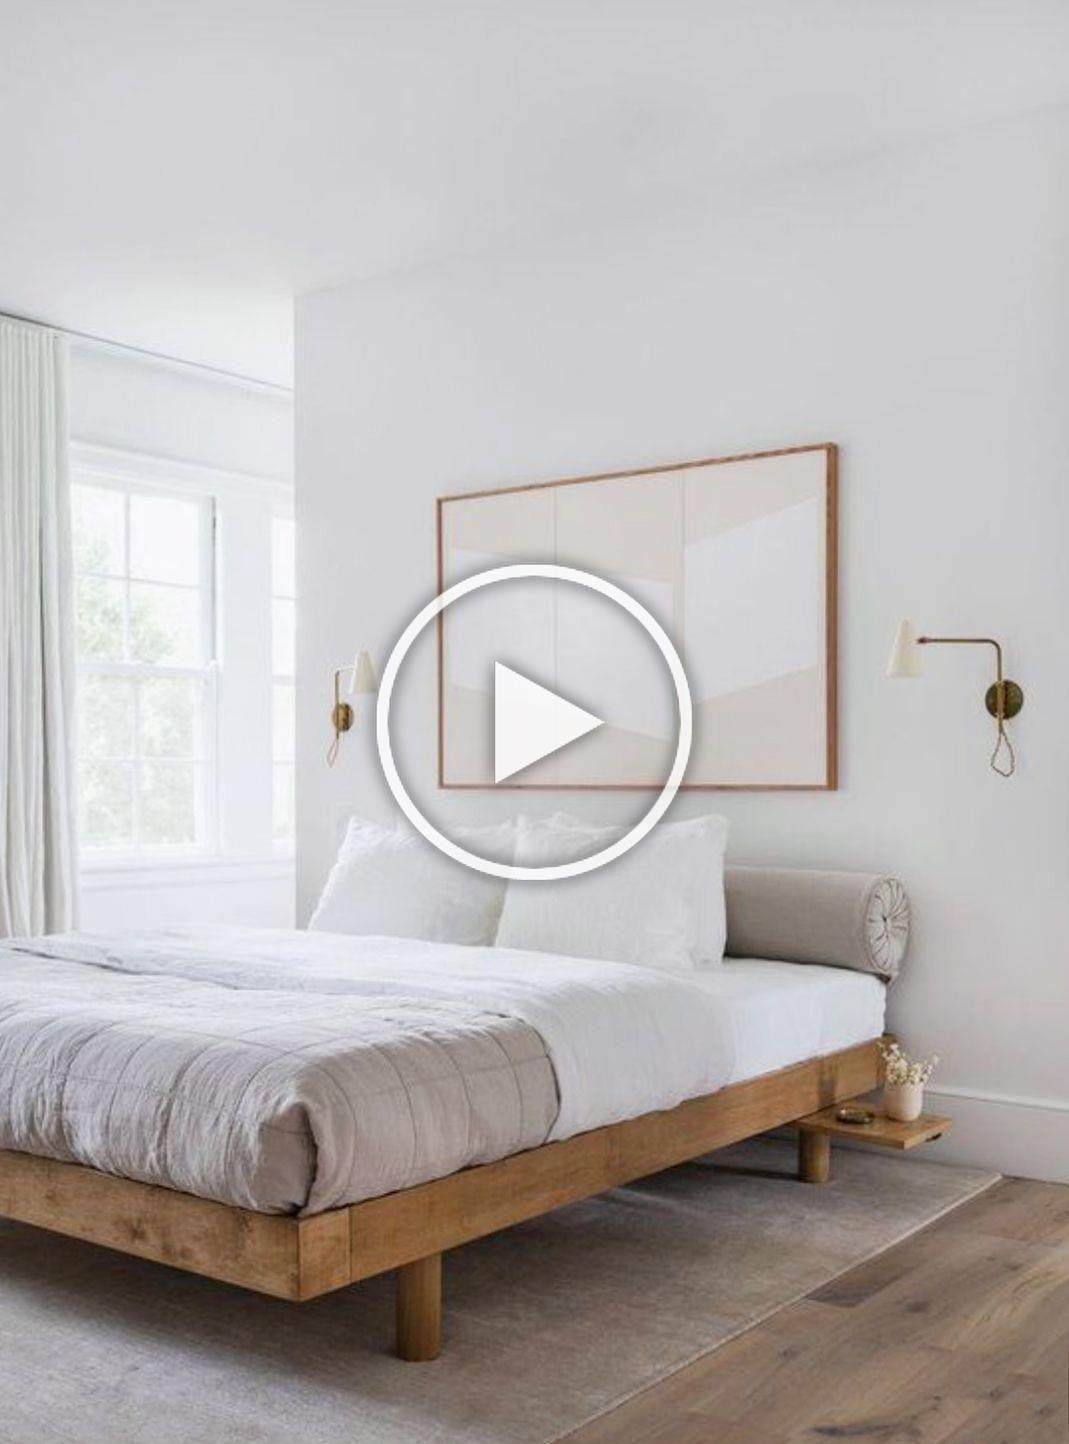 Minimalist Modern Bedroom With Wood Platform Bed Oversized Framed